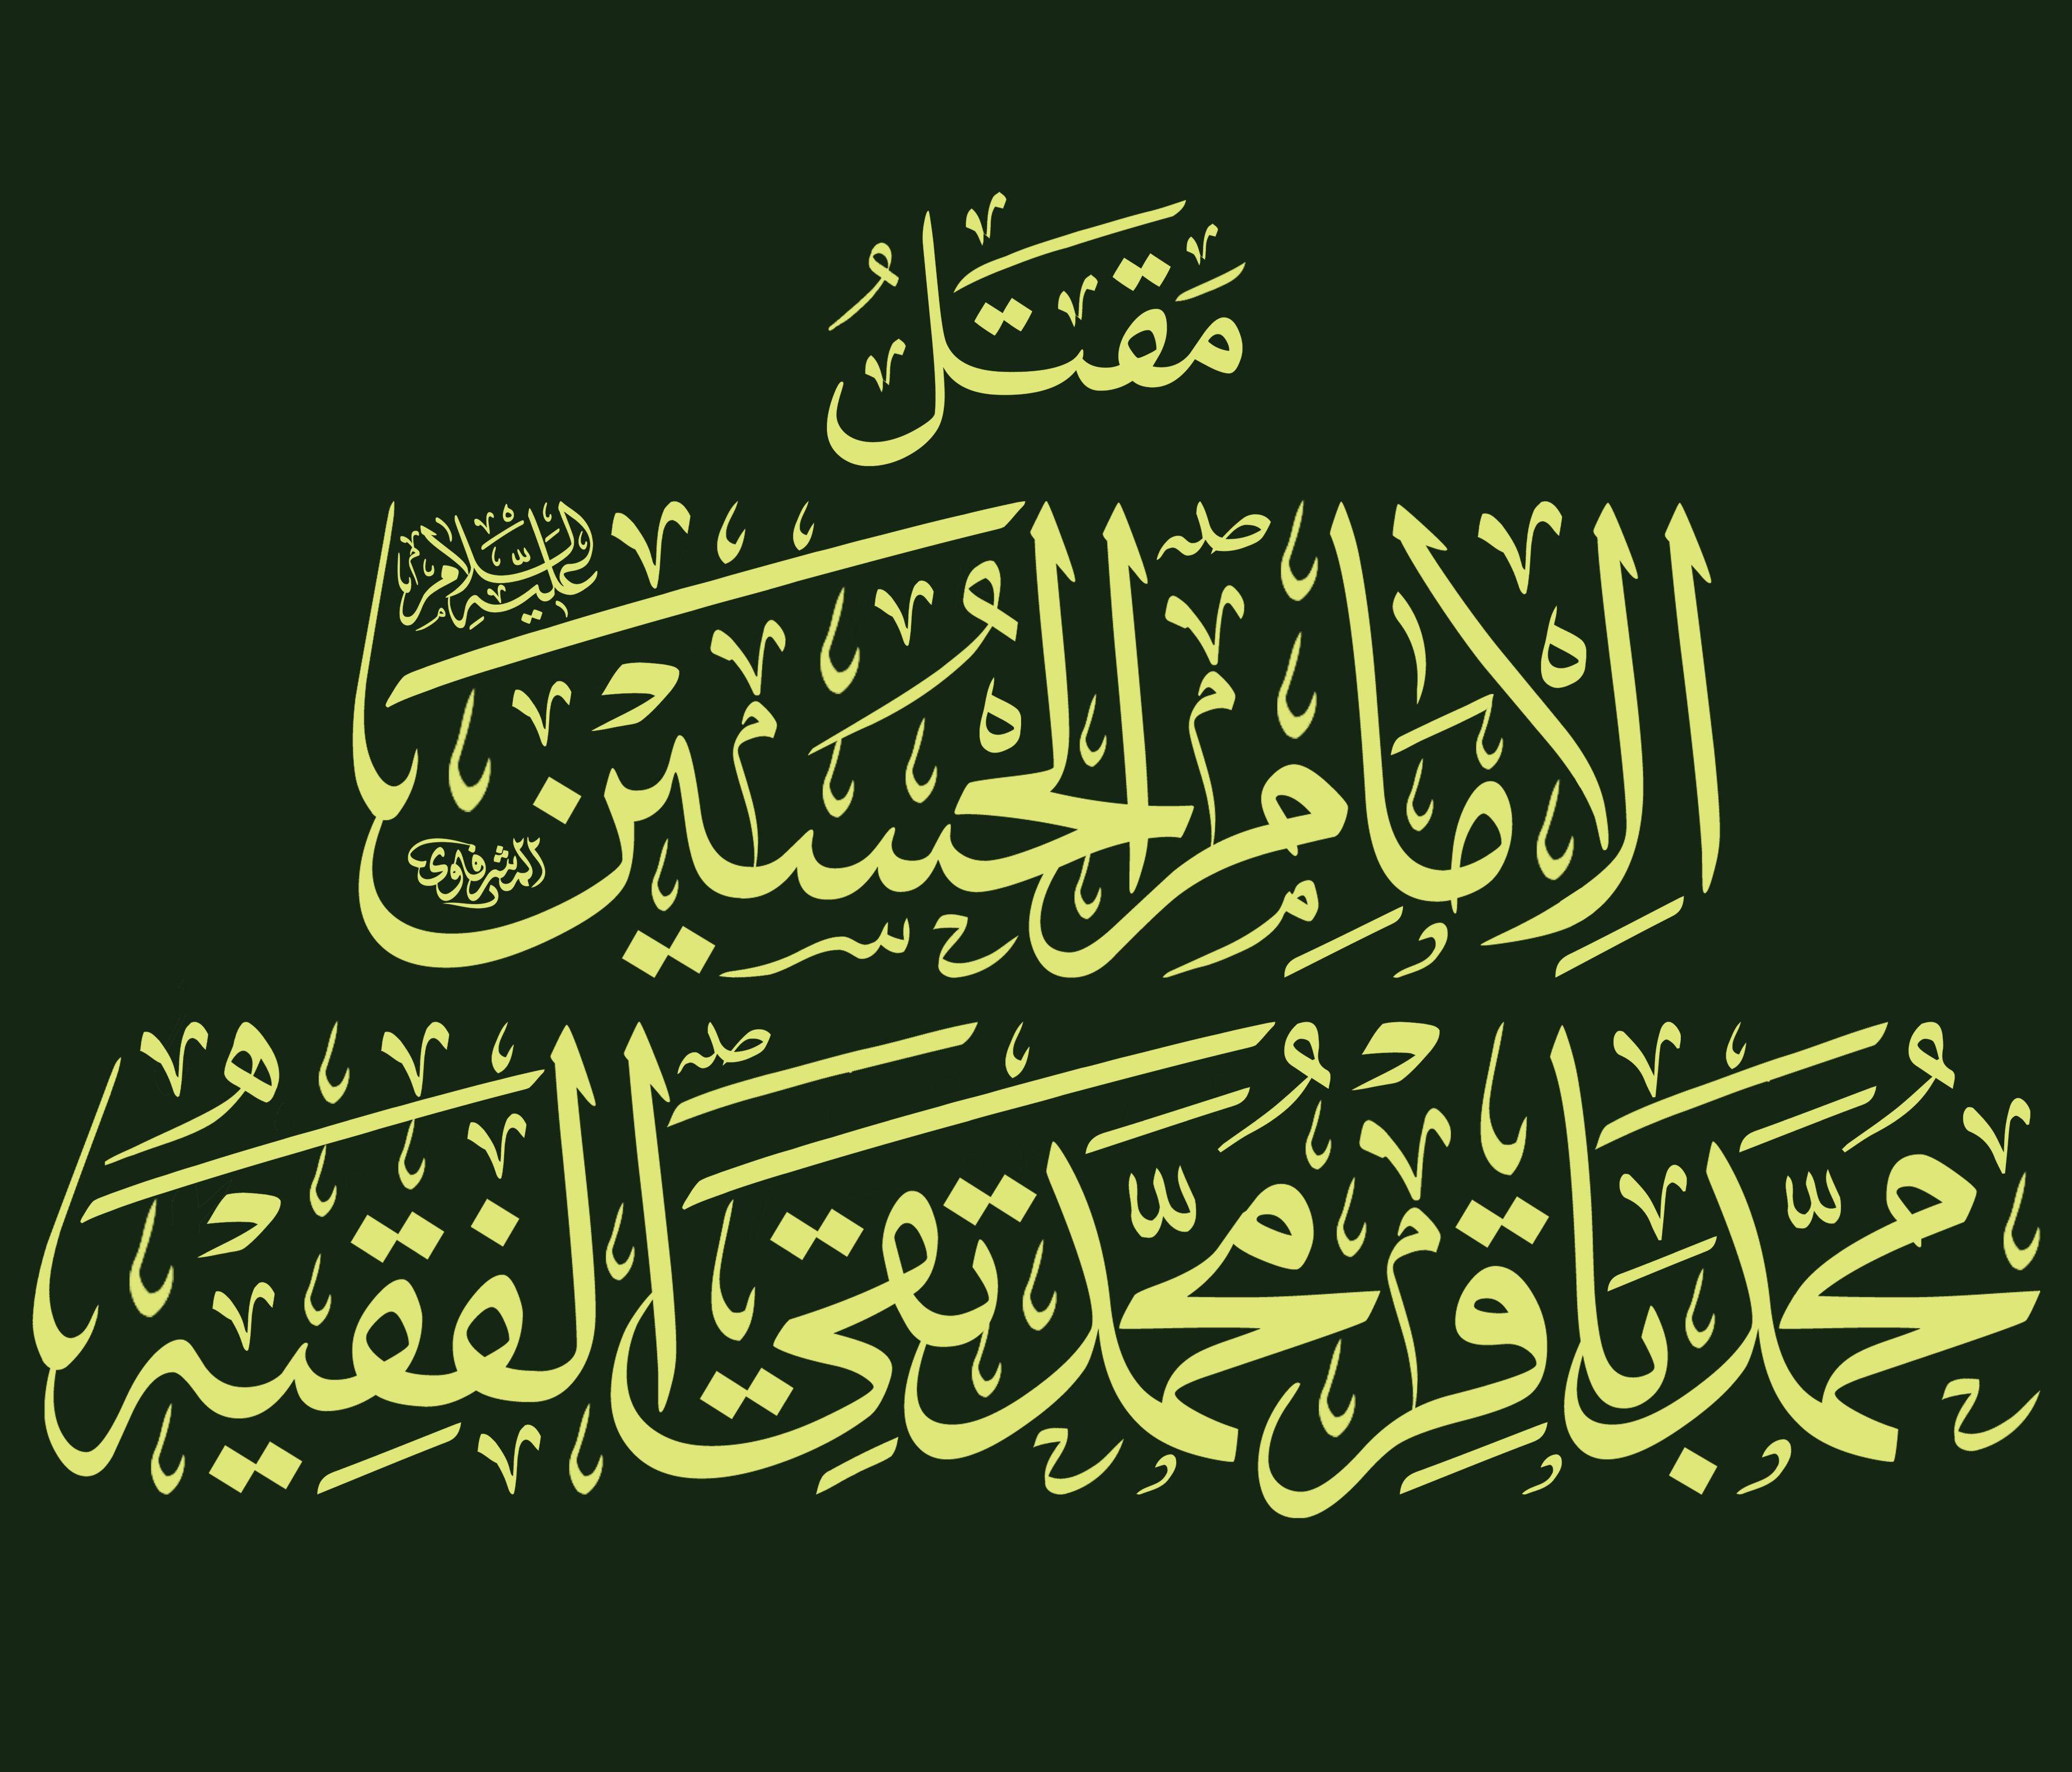 عنوان كتاب مقتل الامام الحسين عليه السلام الخطاط محمد الحسني المشرفاوي Book Worth Reading Worth Reading Calligraphy